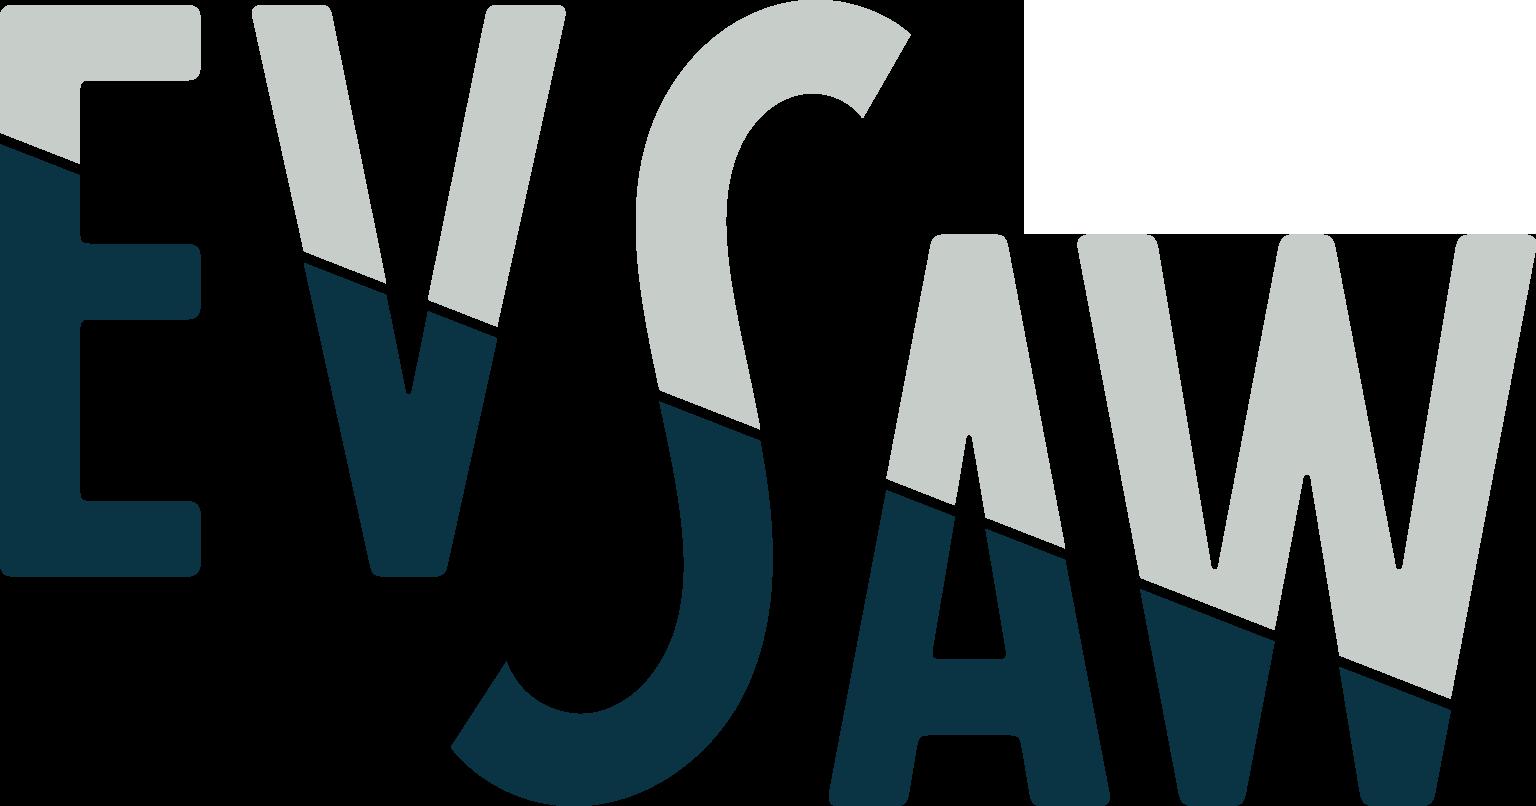 Evsaw logo.png